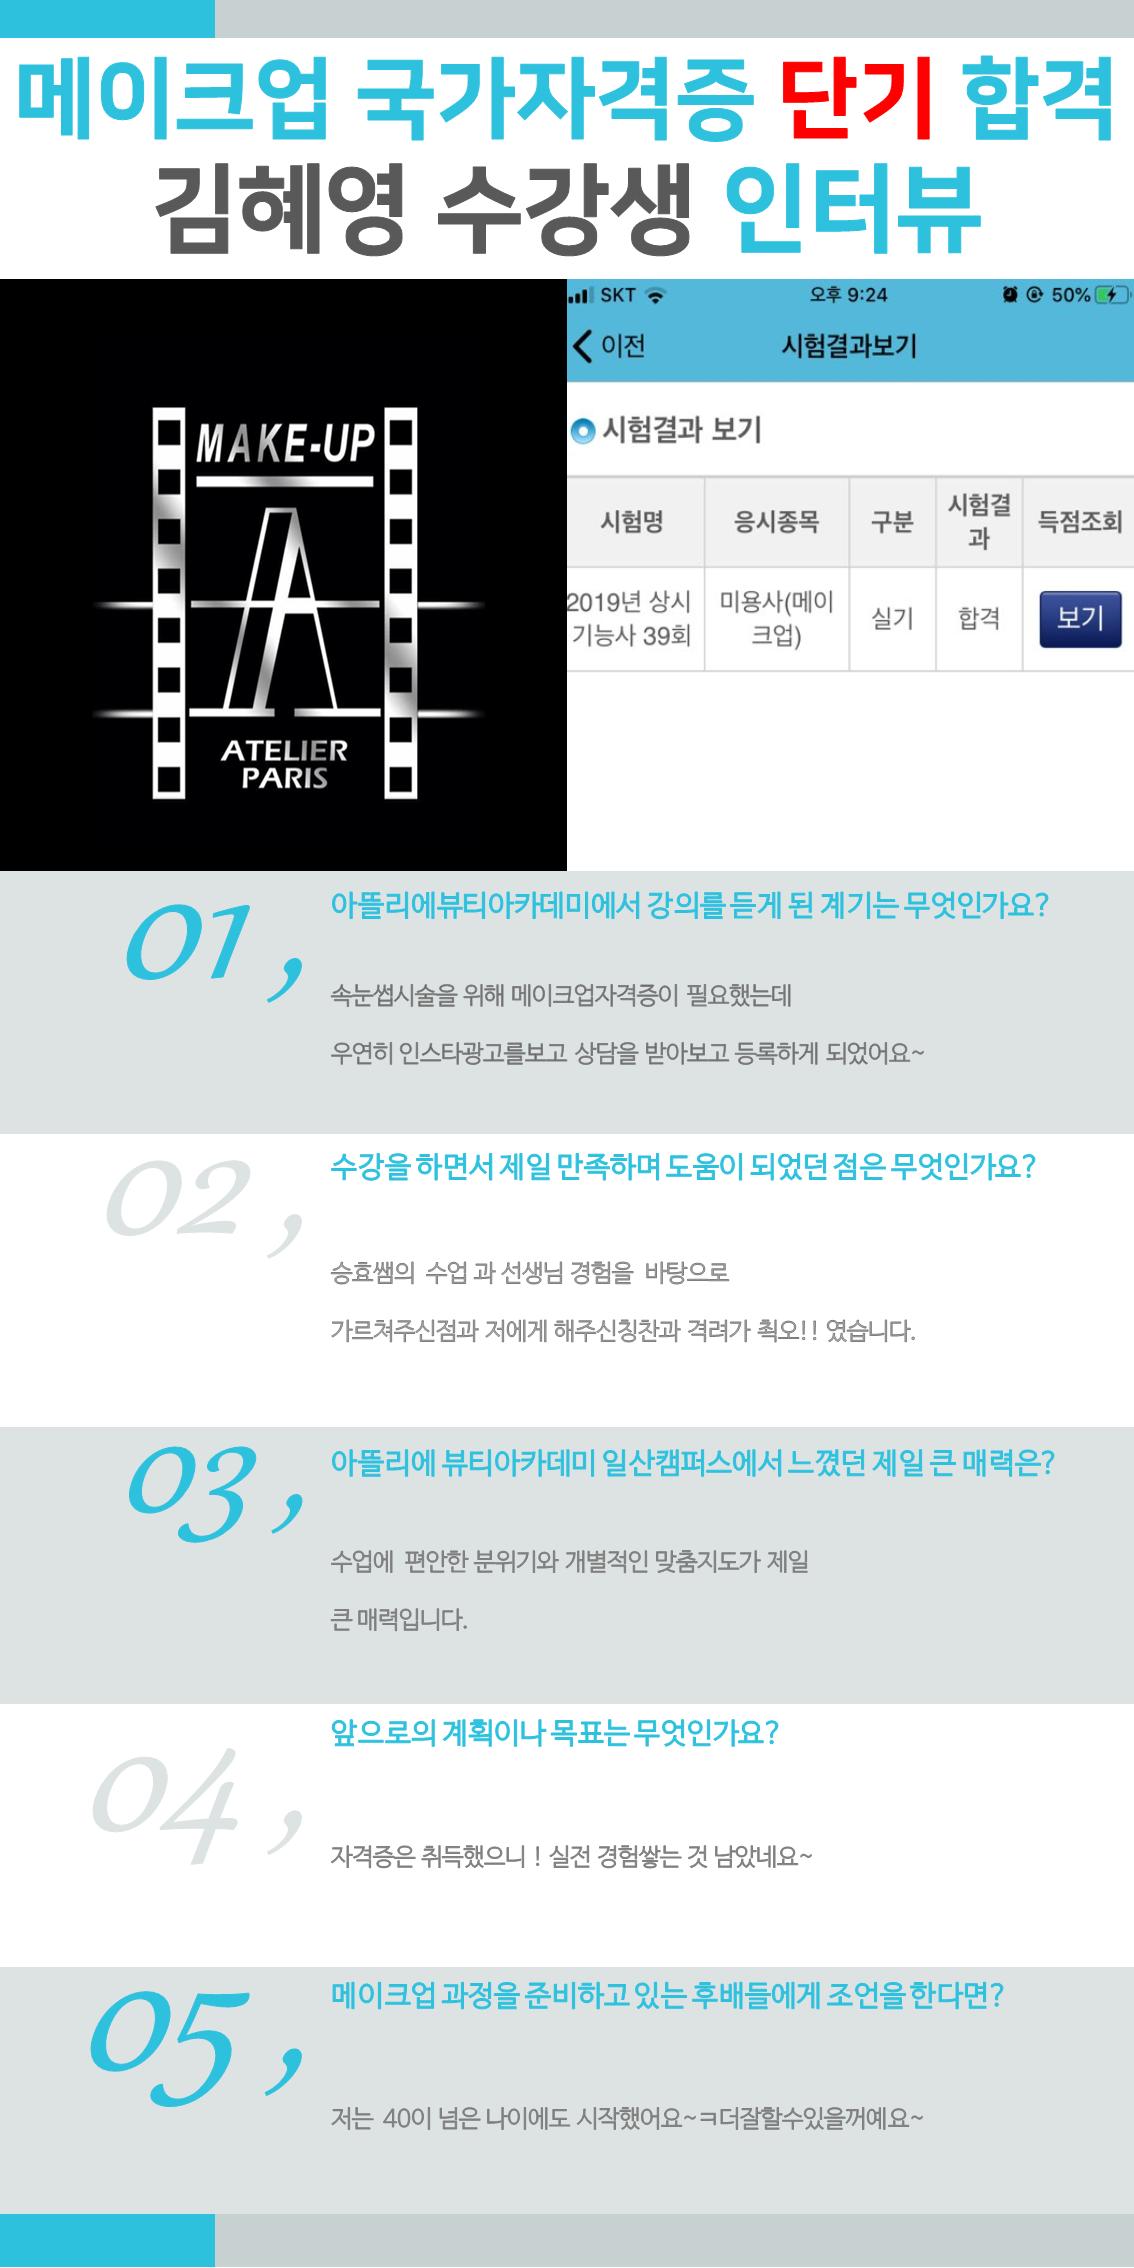 김혜영 수강생 합격 후기